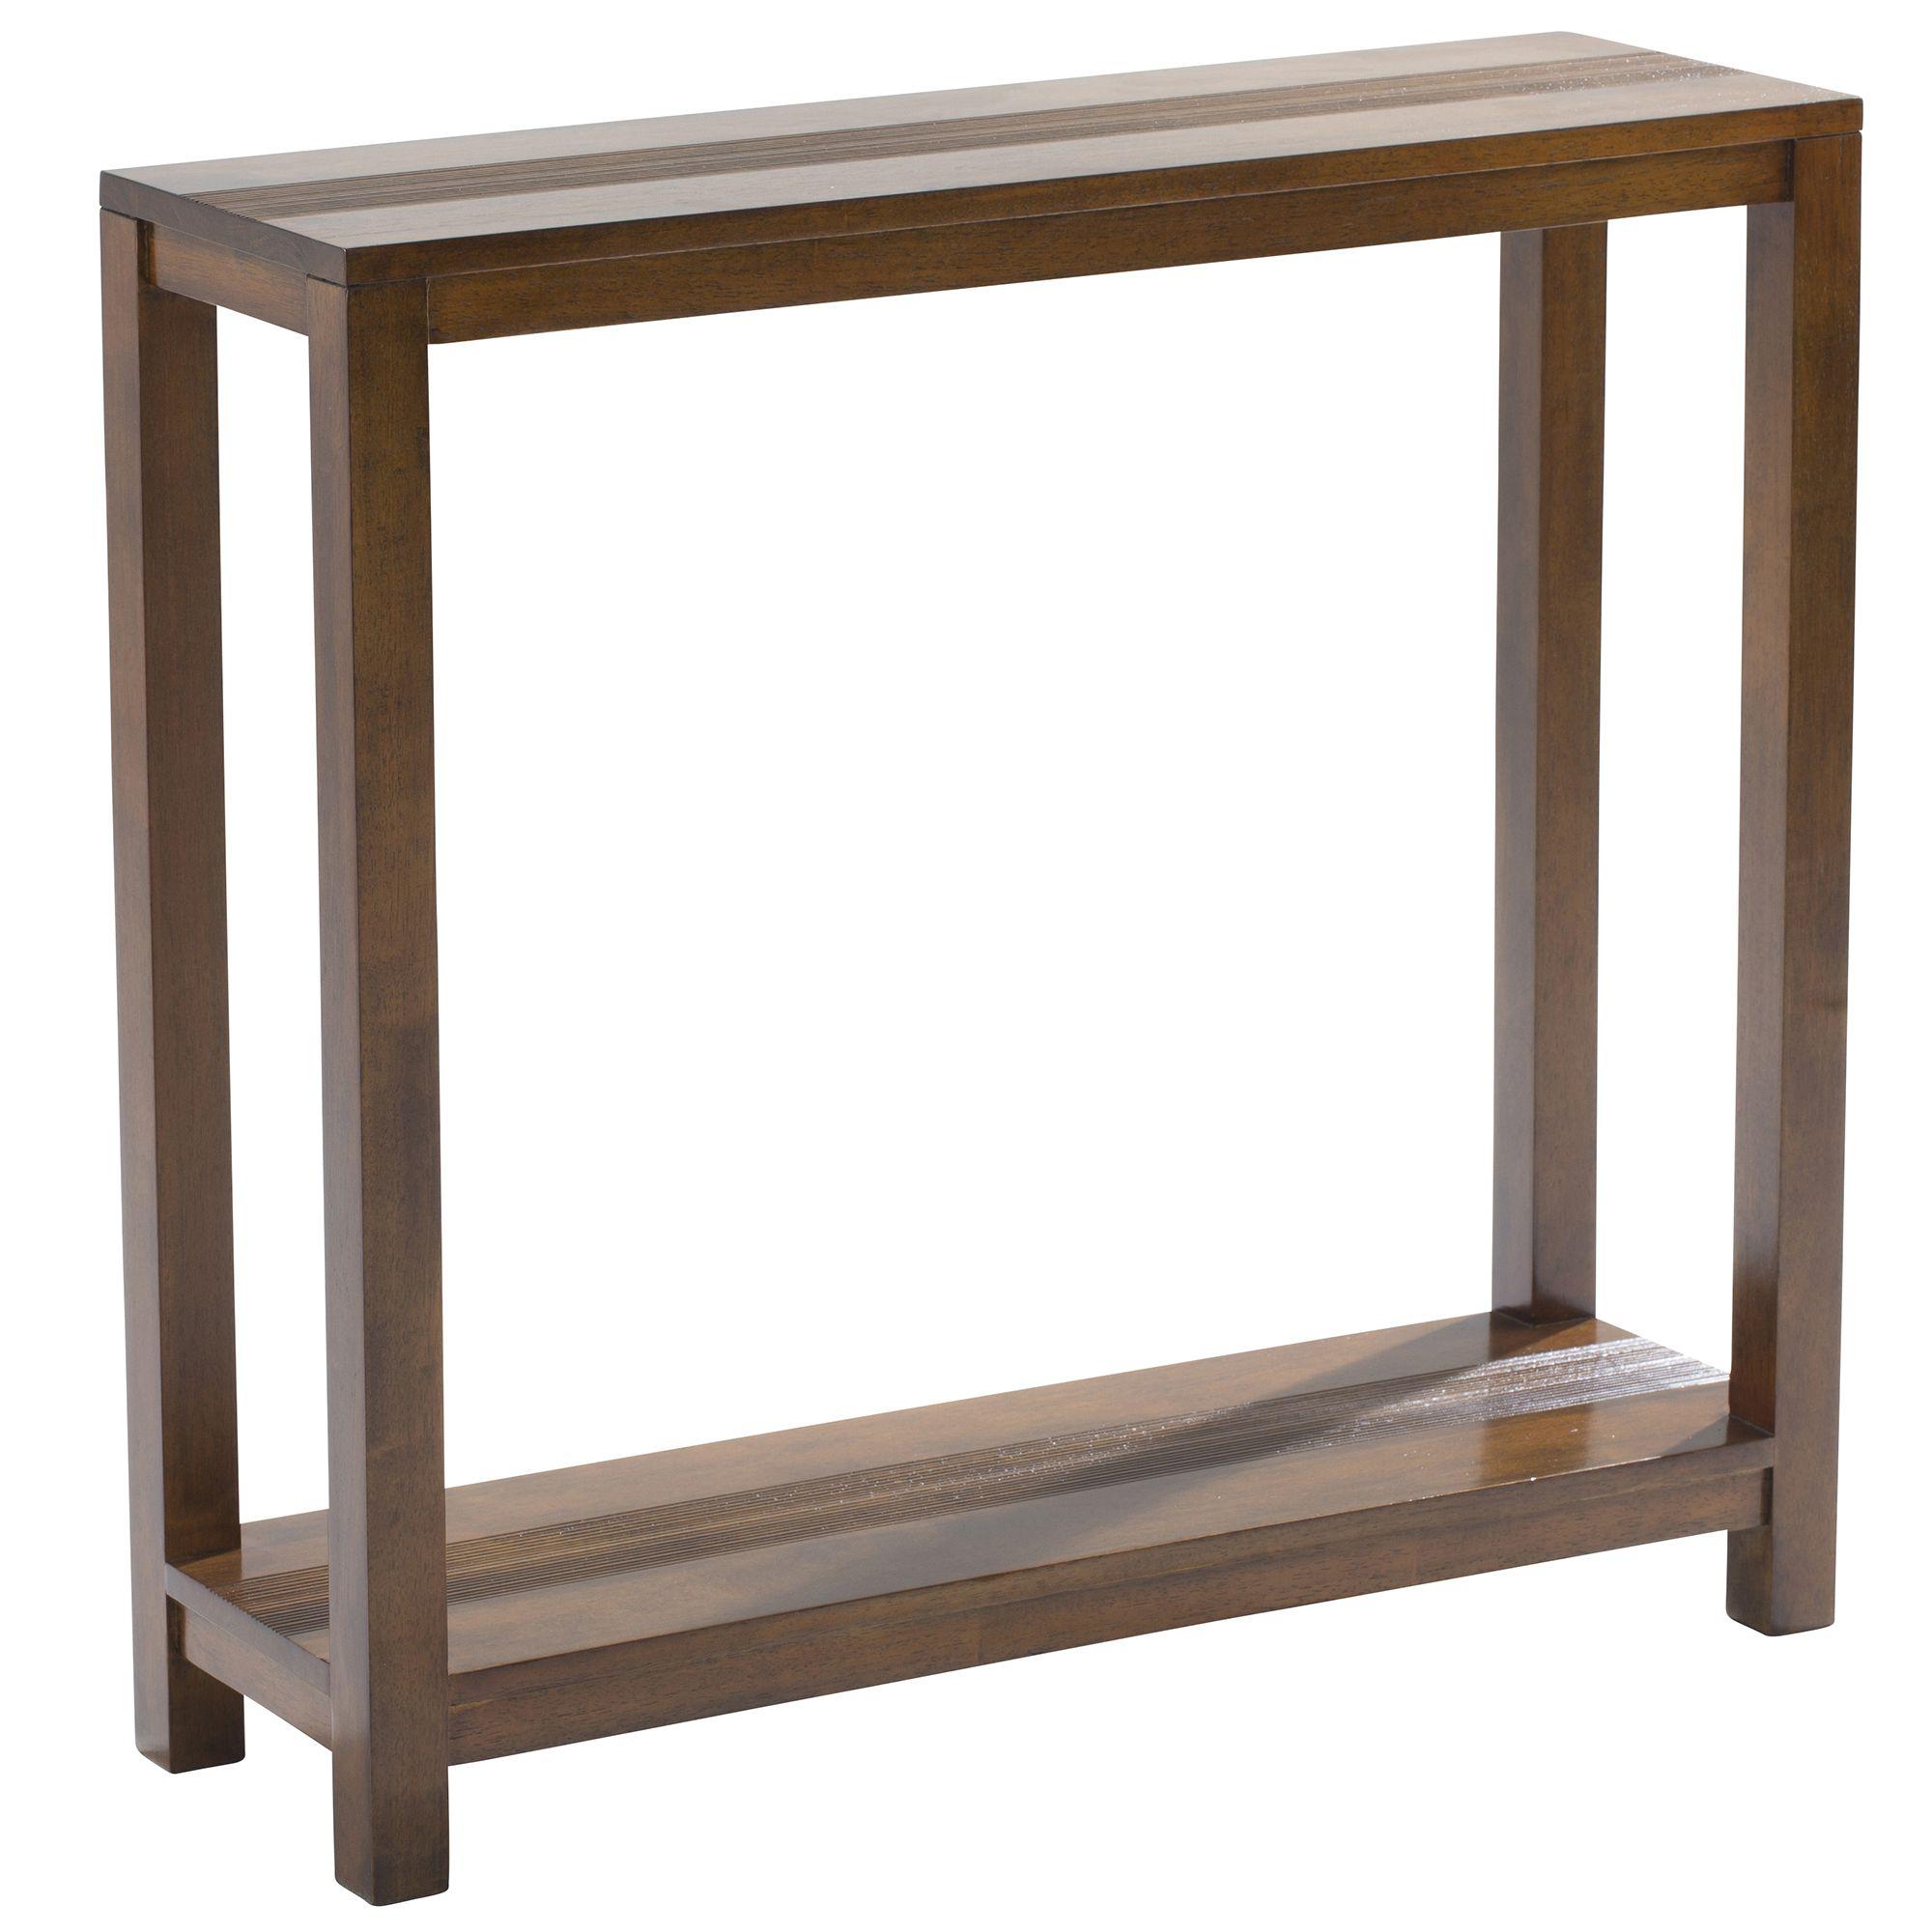 Teck Recycle Brut Et Metal Dimensions Largeur 113 Cm Profondeur 25 Cm Hauteur 73 Cm Les Plus Produit Style Muebles De Tubo Muebles De Comedor Muebles